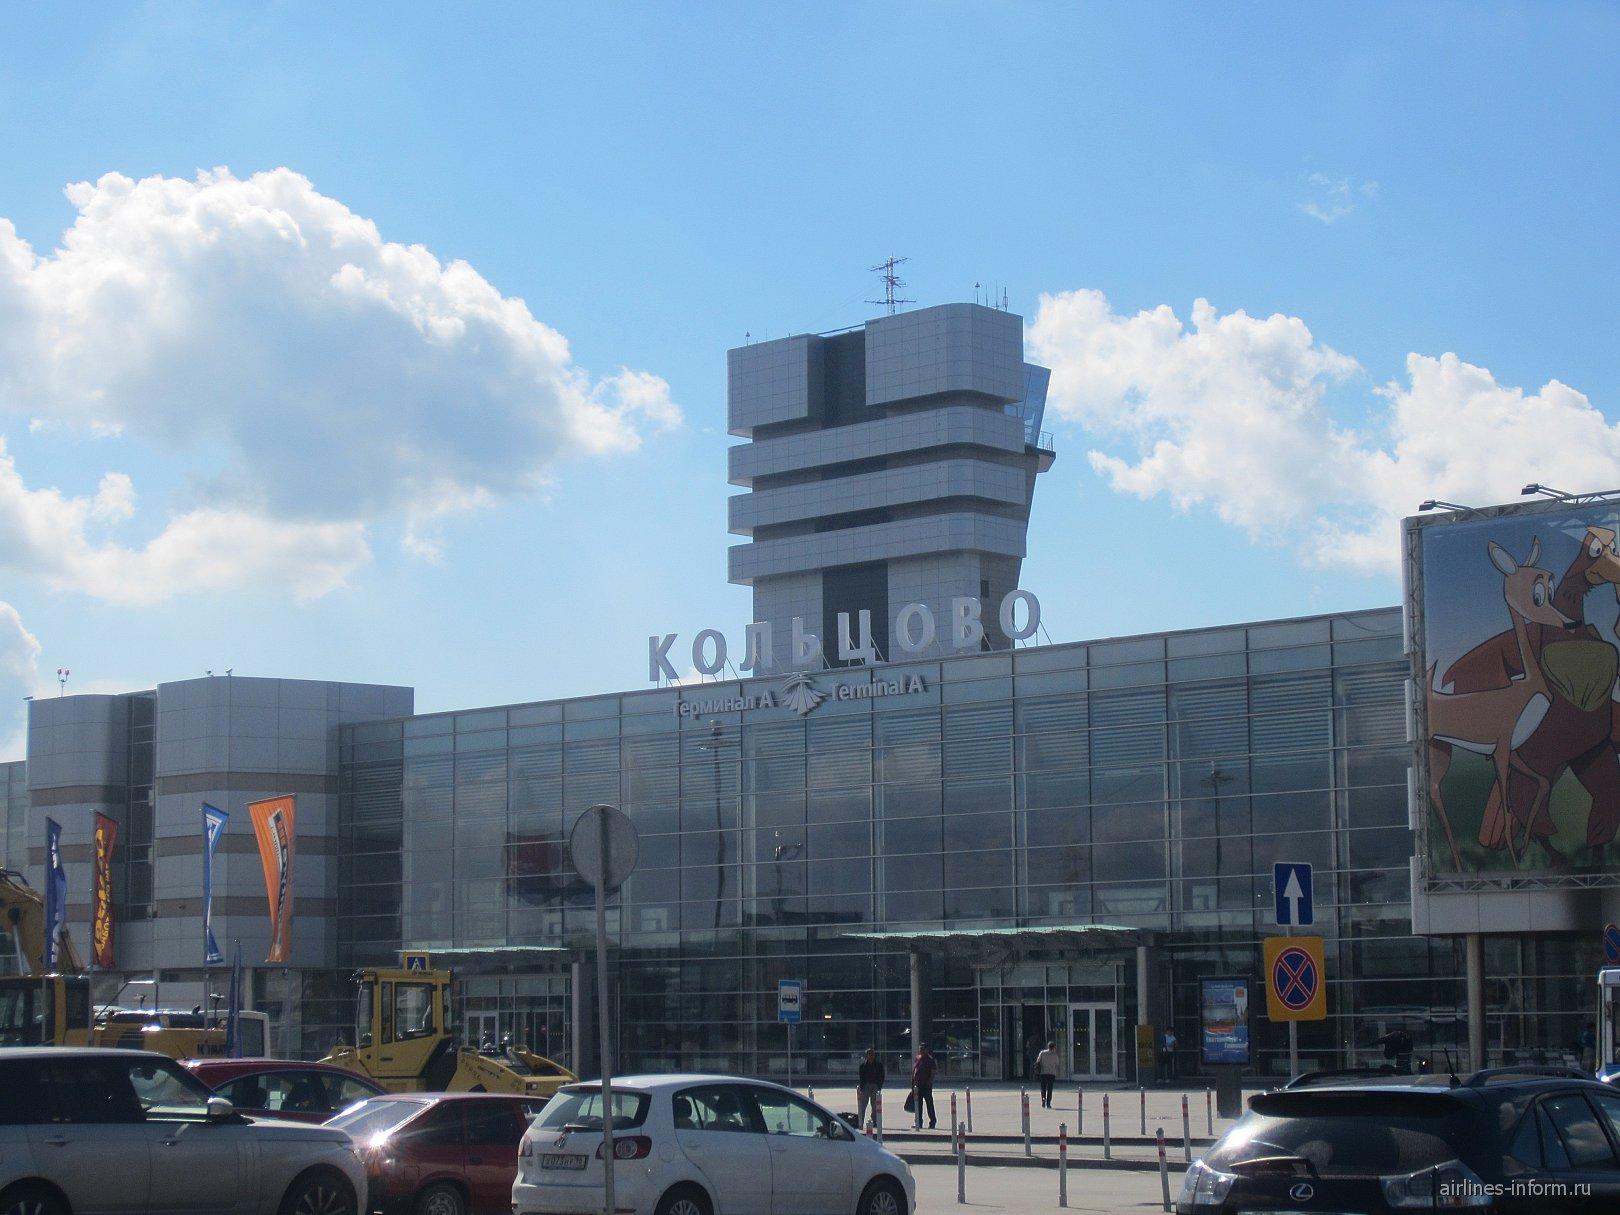 Терминал А аэропорта Кольцово в Екатеринбурге